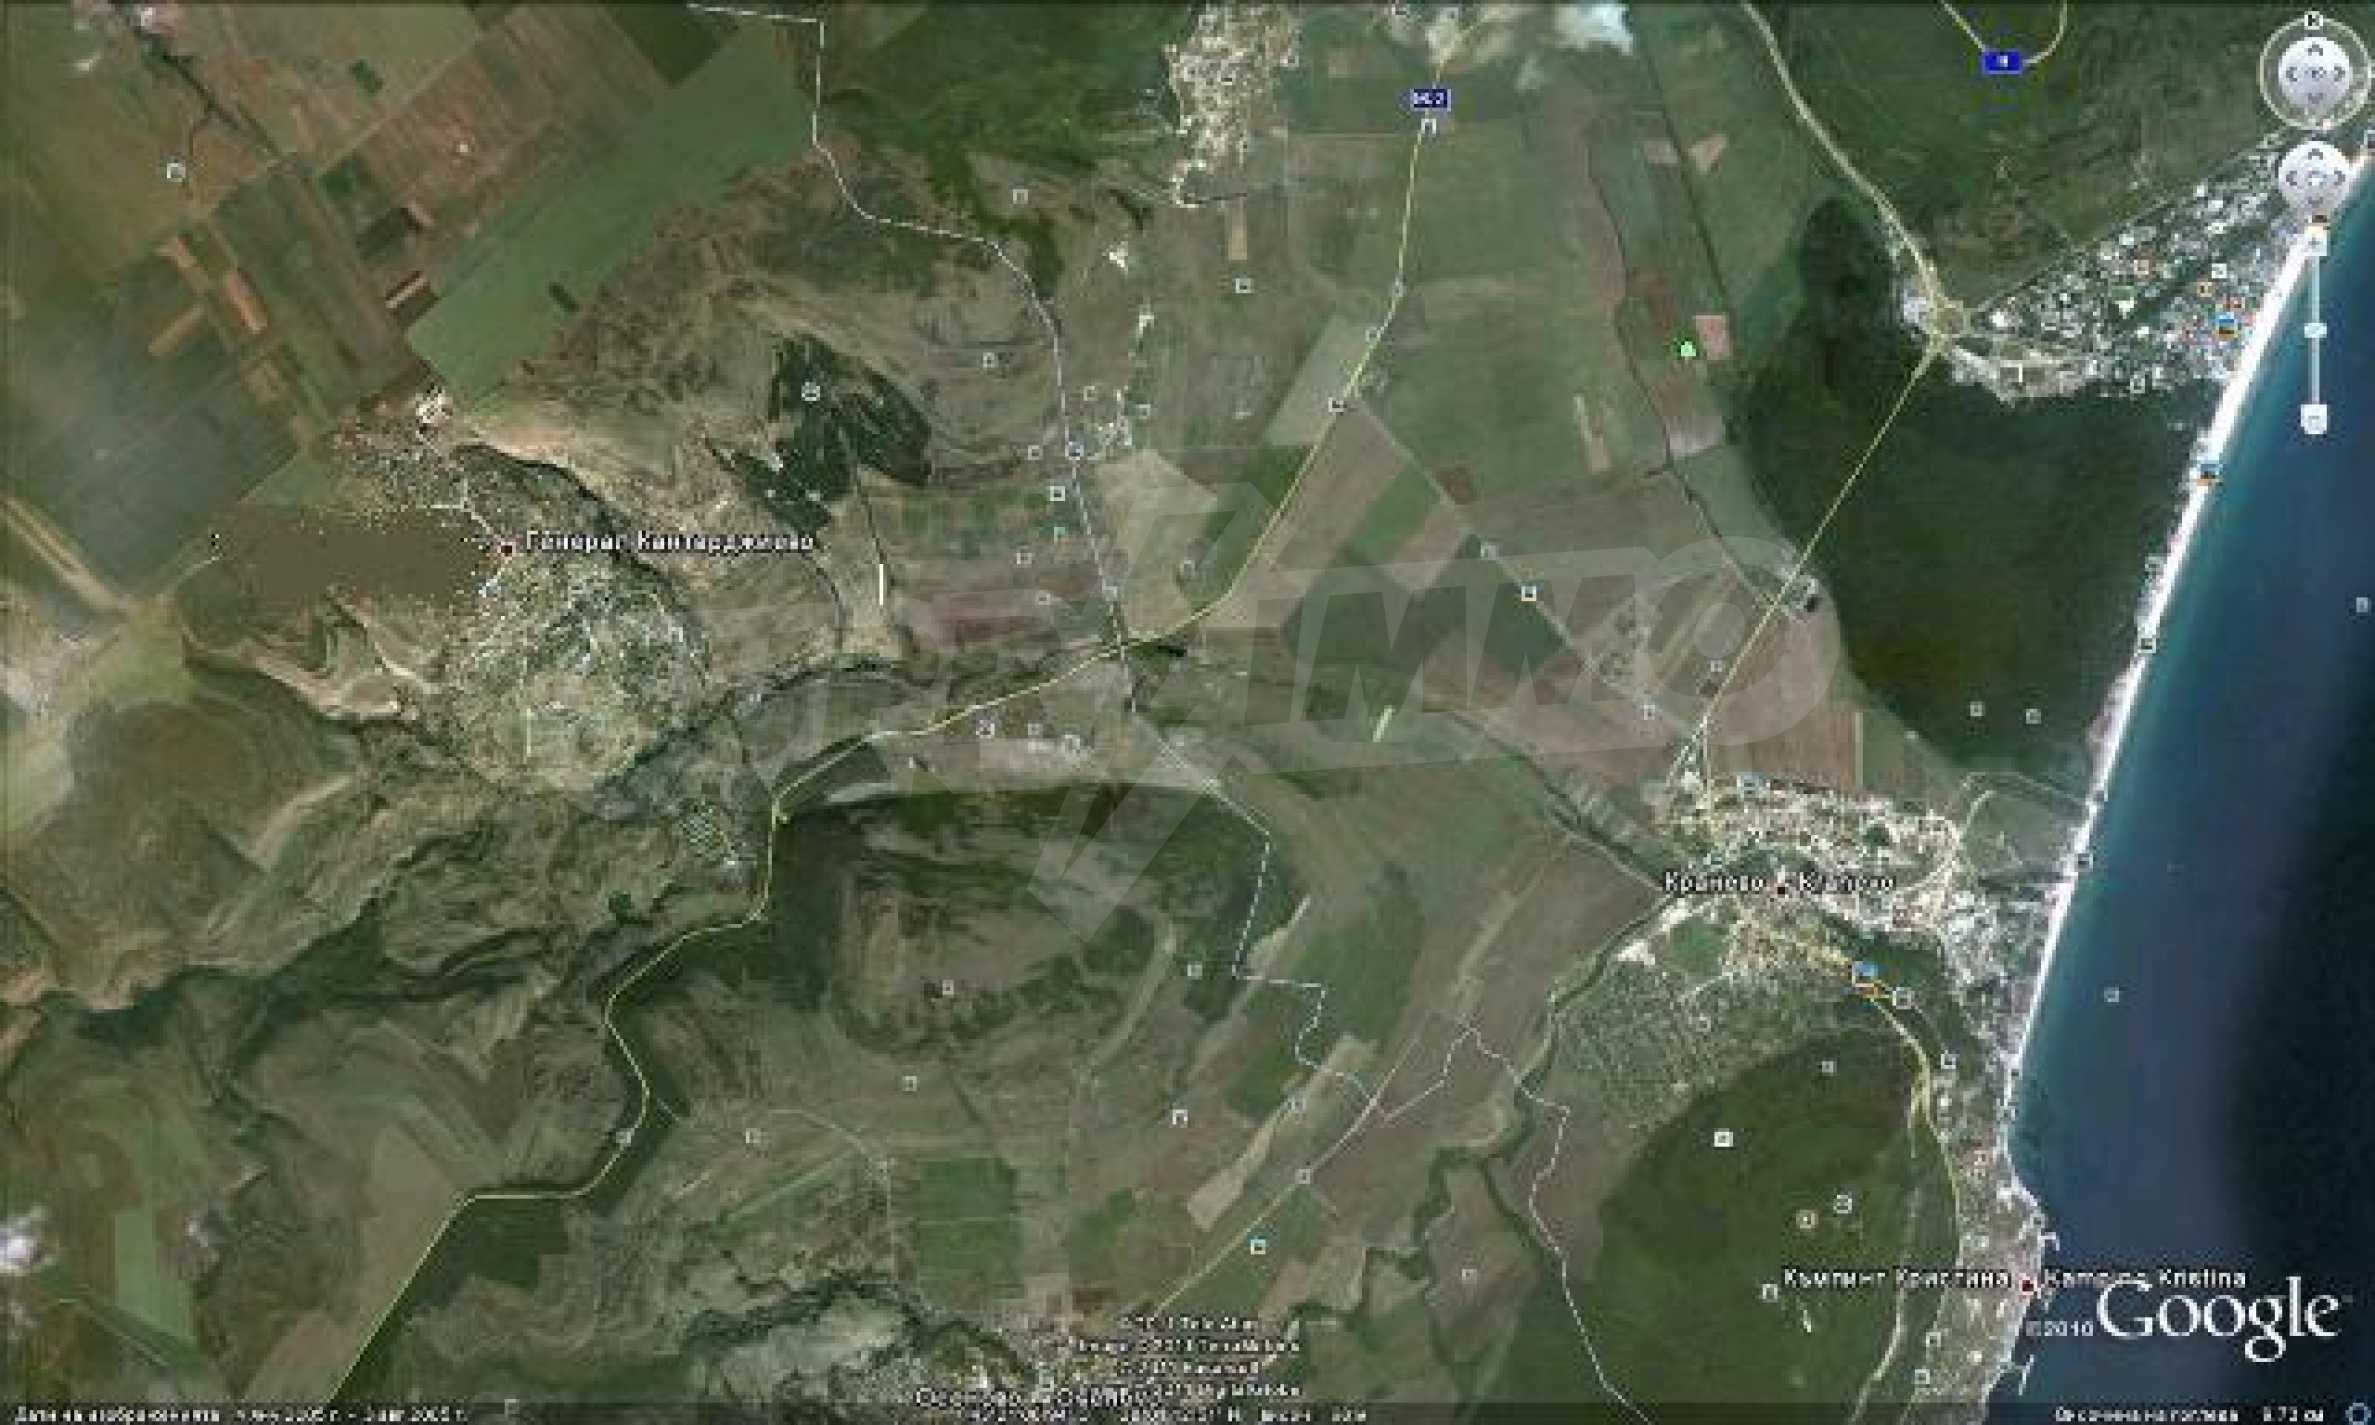 Geregeltes Grundstück in der Nähe des Dorfes Gen. Kantardzhievo